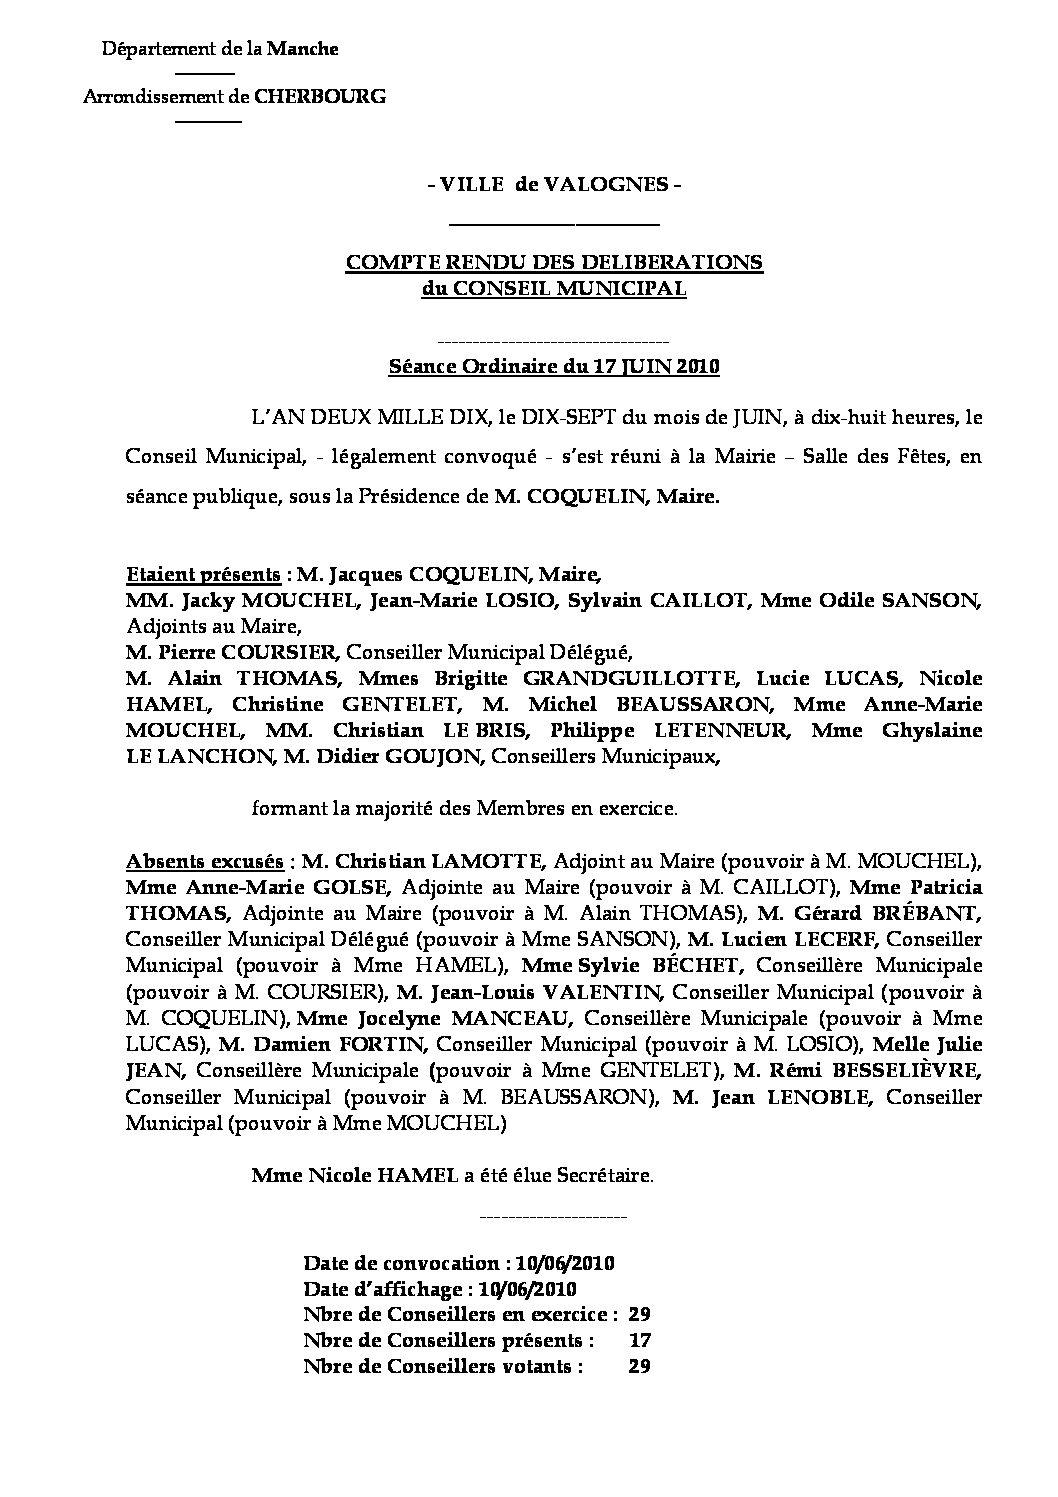 Extrait du registre des délibérations du 17-06-2010 - Compte rendu des questions soumises à délibération lors de la séance du Conseil Municipal du jeudi 17 juin 2010.